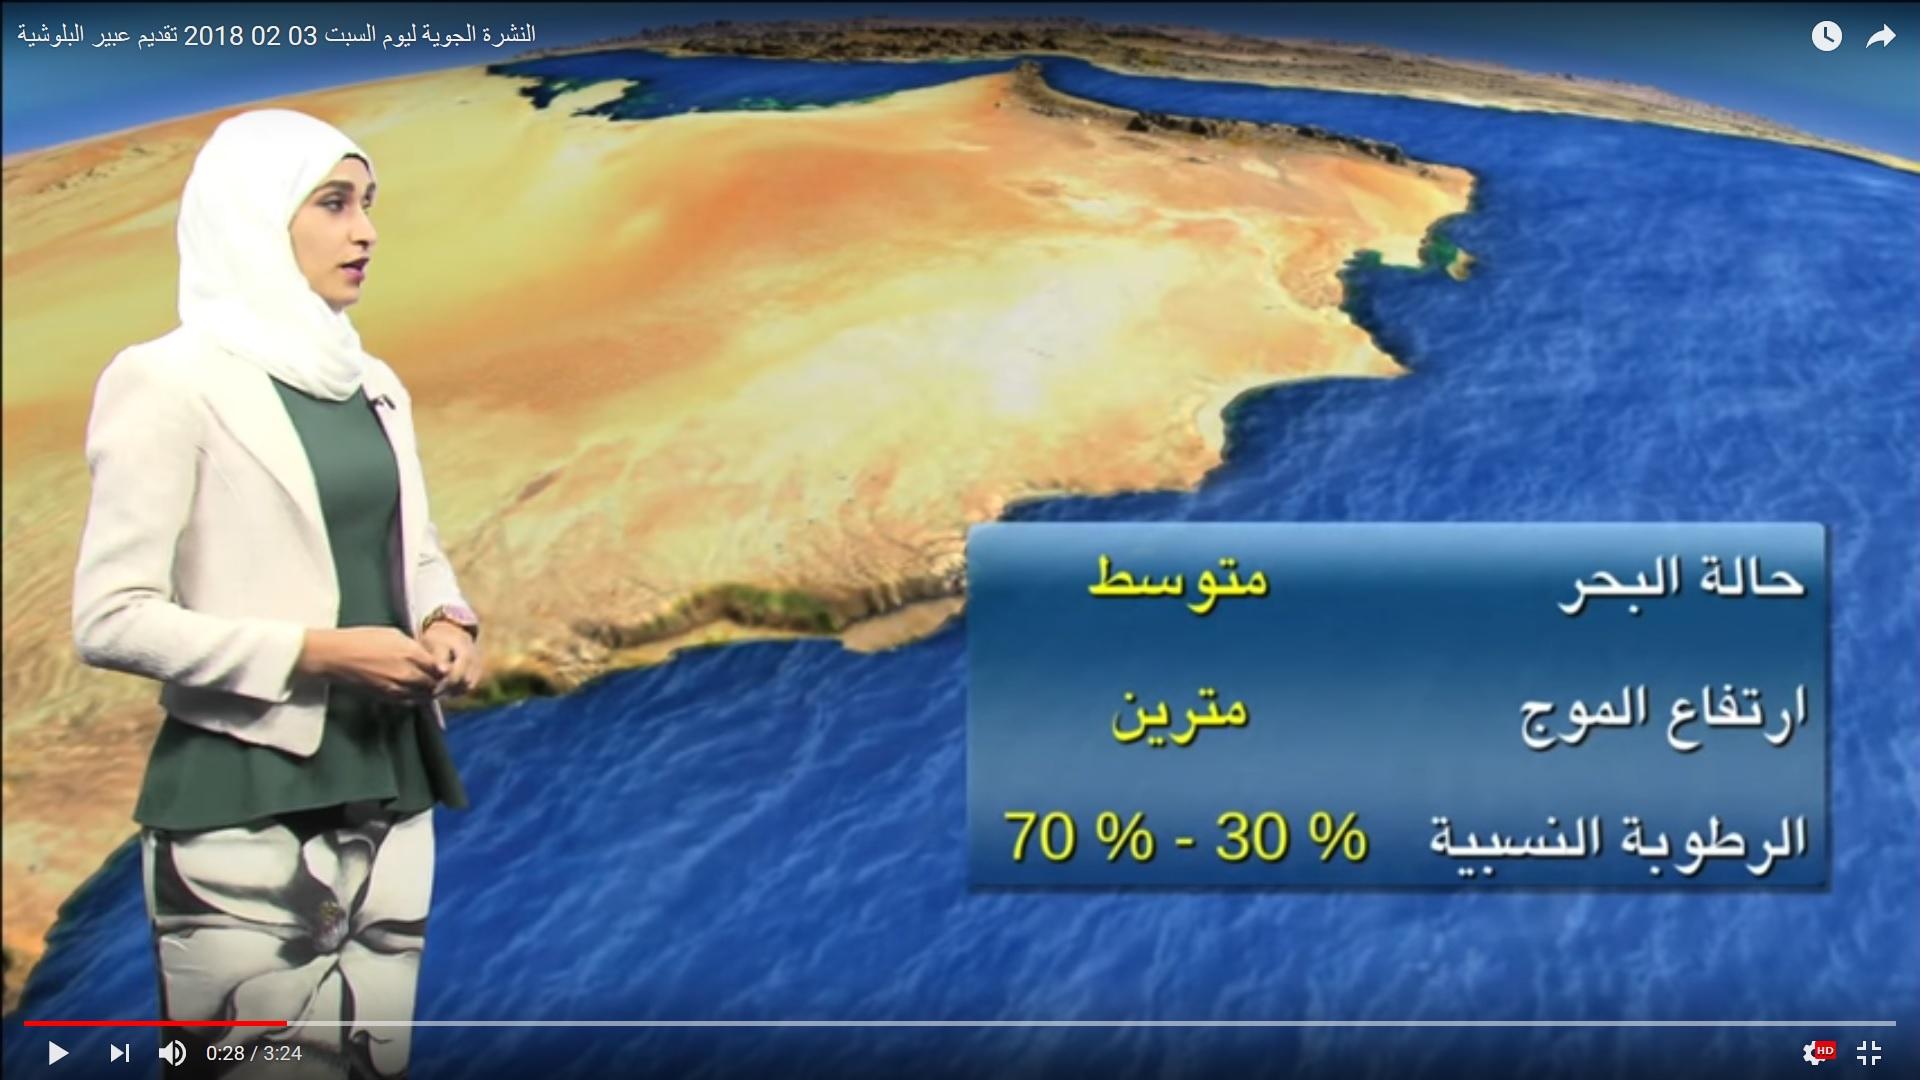 بالفيديو.. تعرف على حالة الطقس في السلطنة